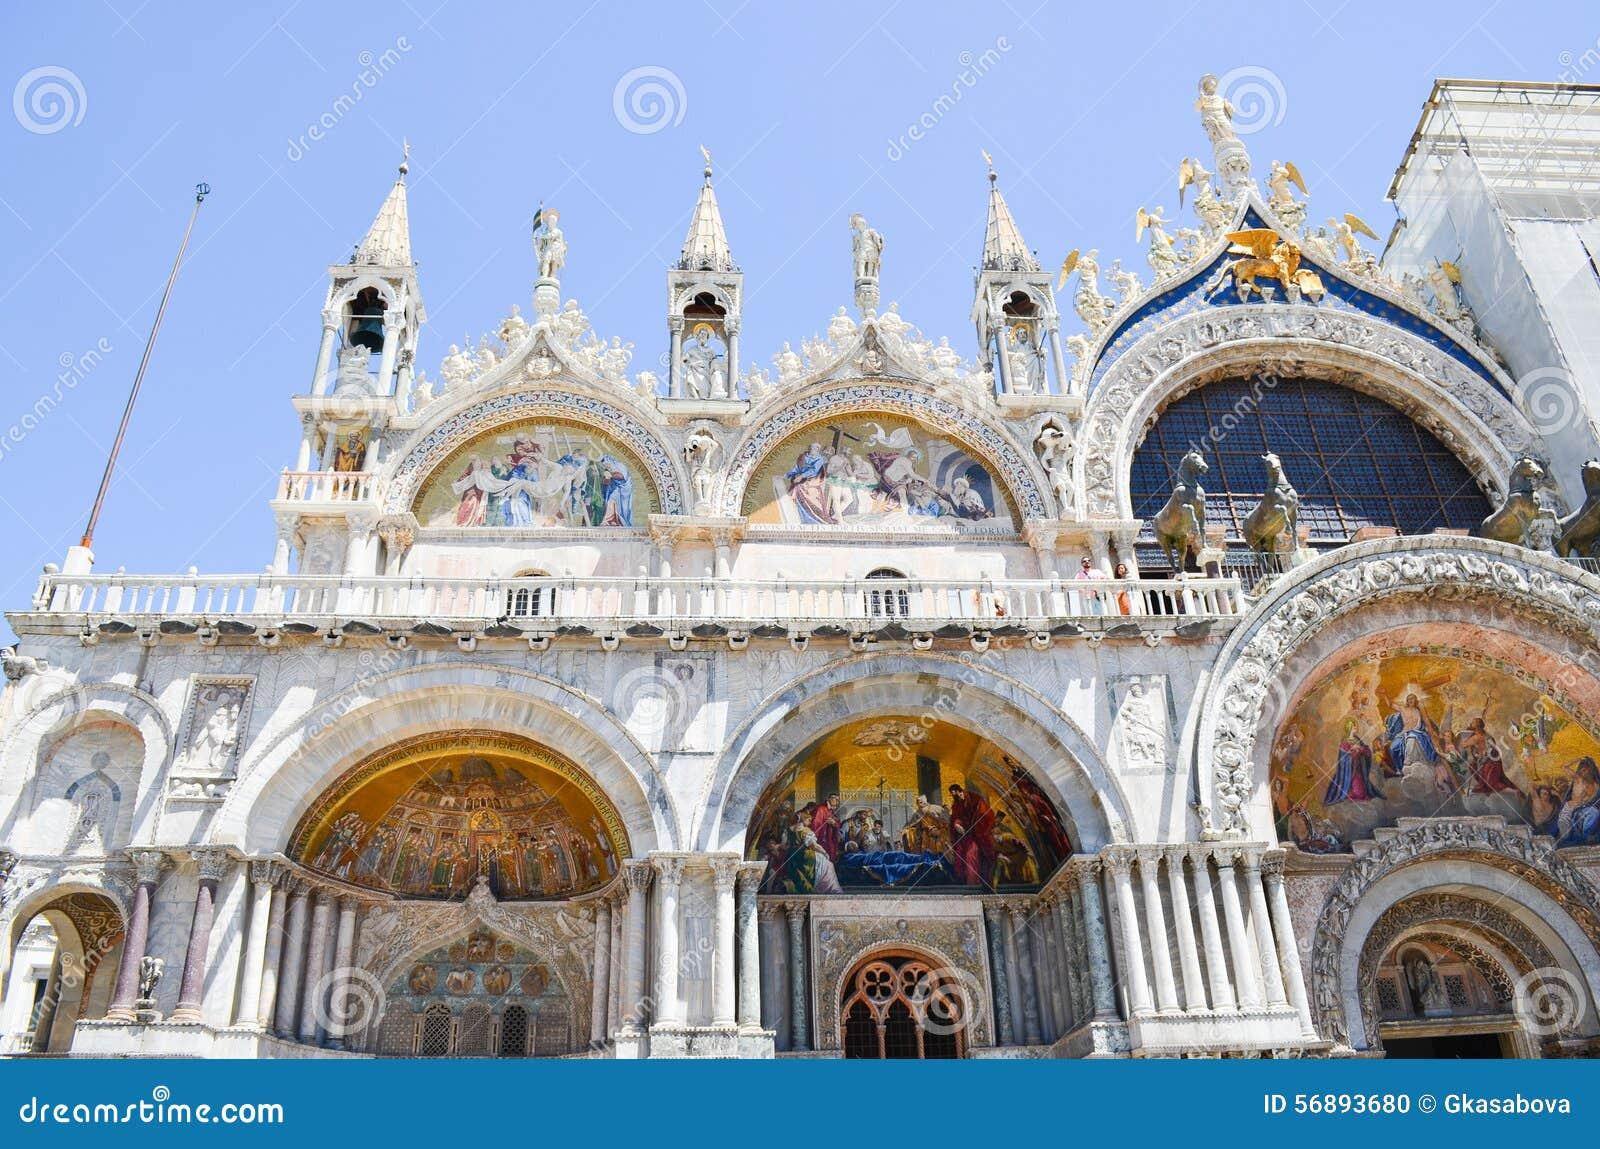 Dettagli di Palazzo Ducale a Venezia, Italia